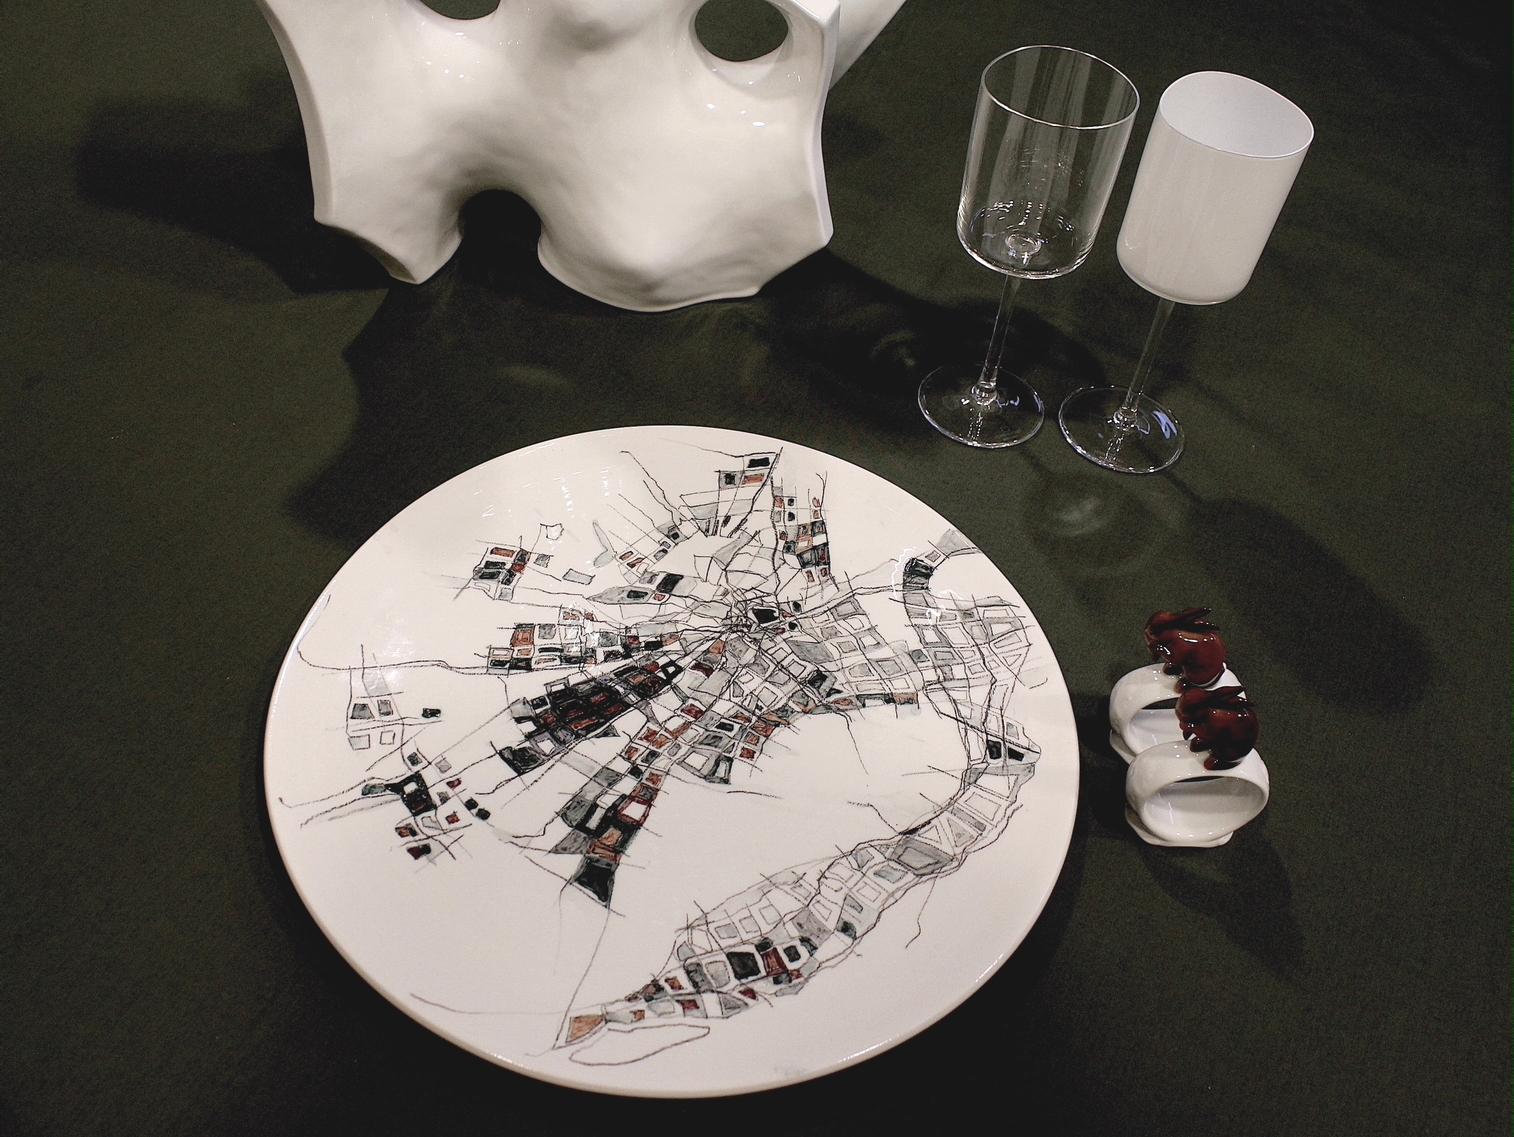 Decori geometrici sul piatto in porcellana realizzato da Chiara Bernardini per la Milano Design Week 2021